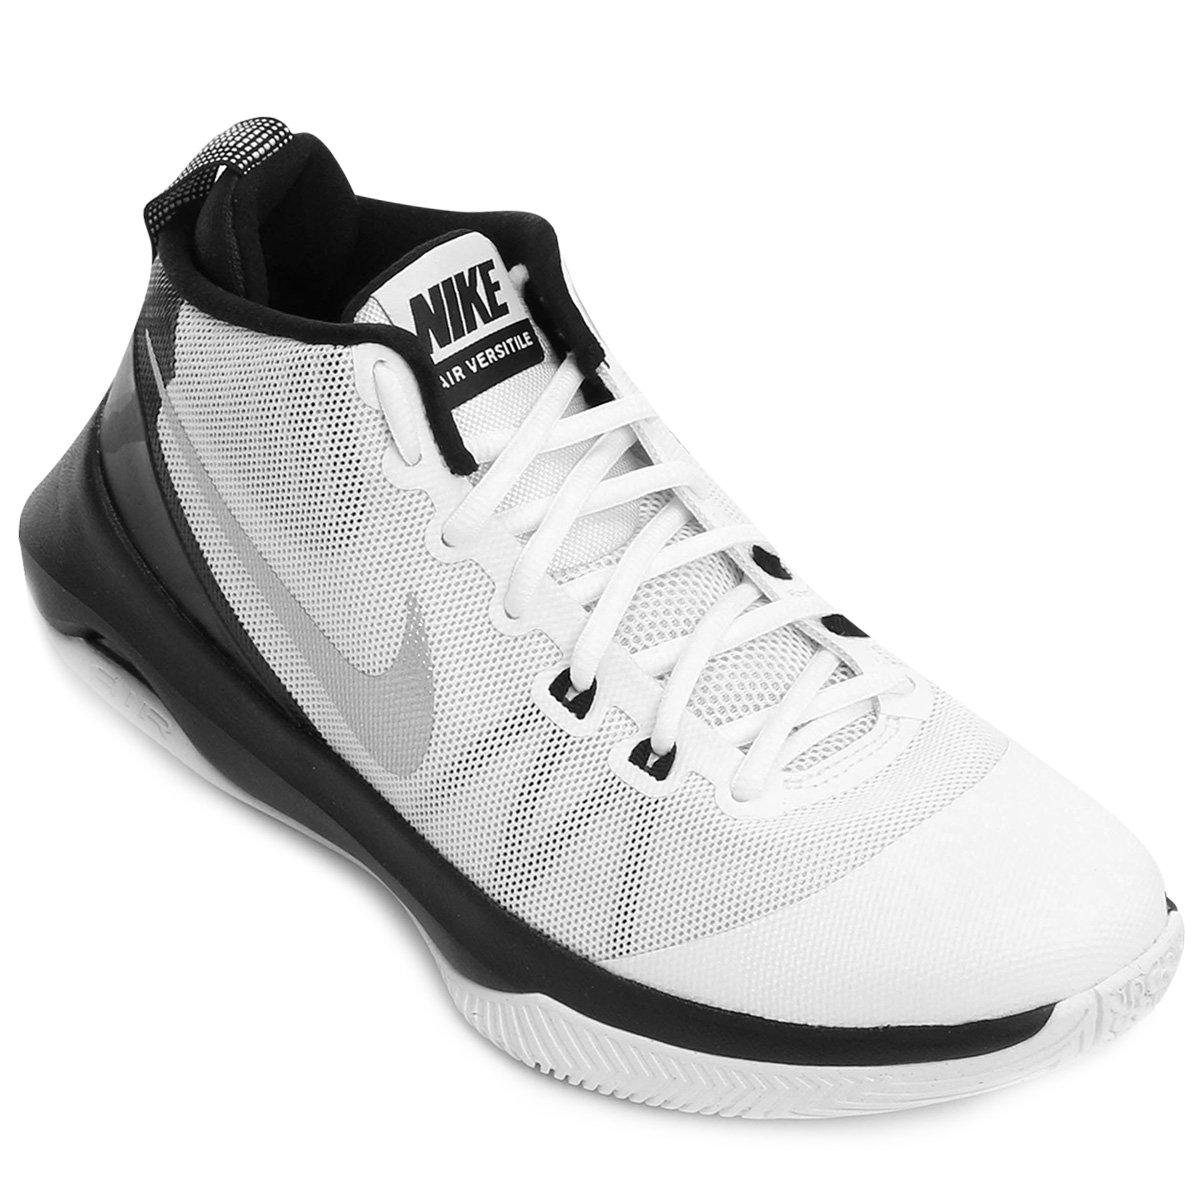 b897fd09f27 Tênis Nike Air Versitile Masculino - Branco e Preto - Compre Agora ...